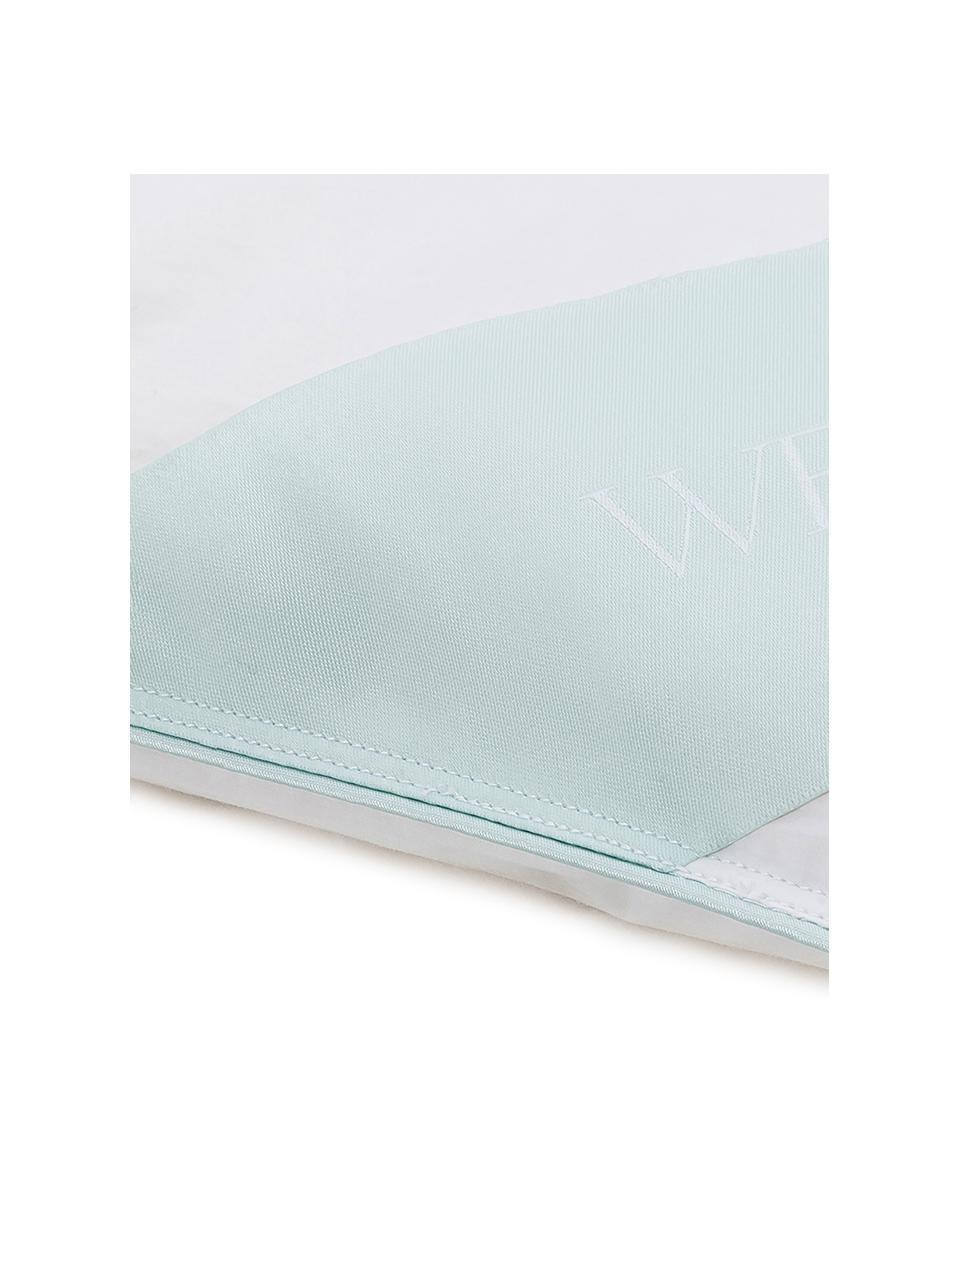 Piumino medio in piuma d'oca Comfort, Bianco, Larg. 200 x Lung. 200 cm